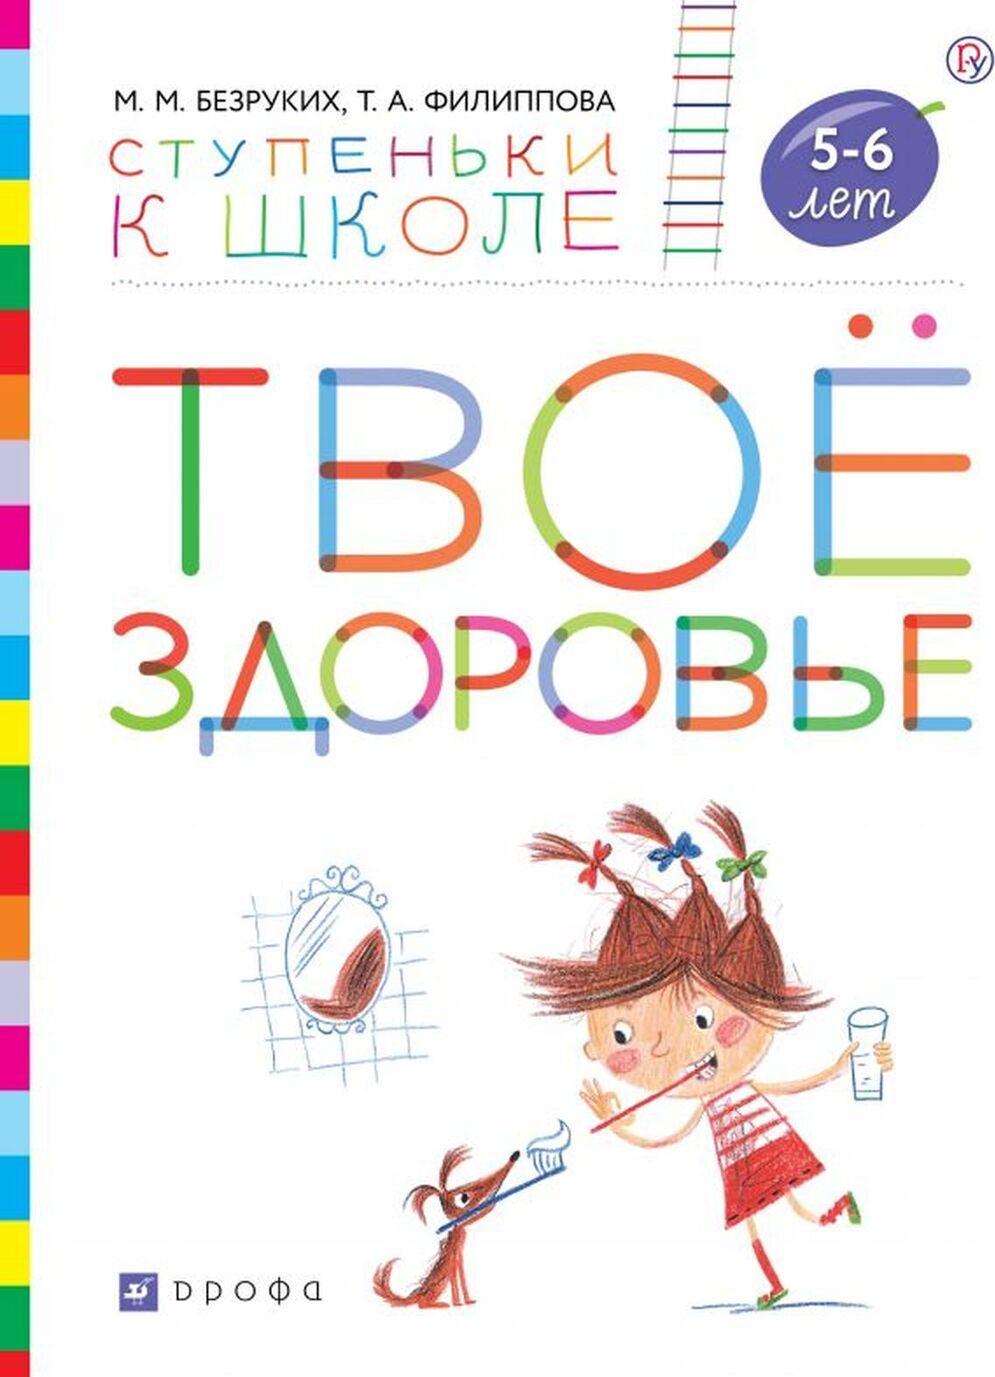 Tvojo zdorove. Posobie dlja detej 5-6 let (+ naklejki) | Bezrukikh Marjana Mikhajlovna, Filippova Tatjana Andreevna